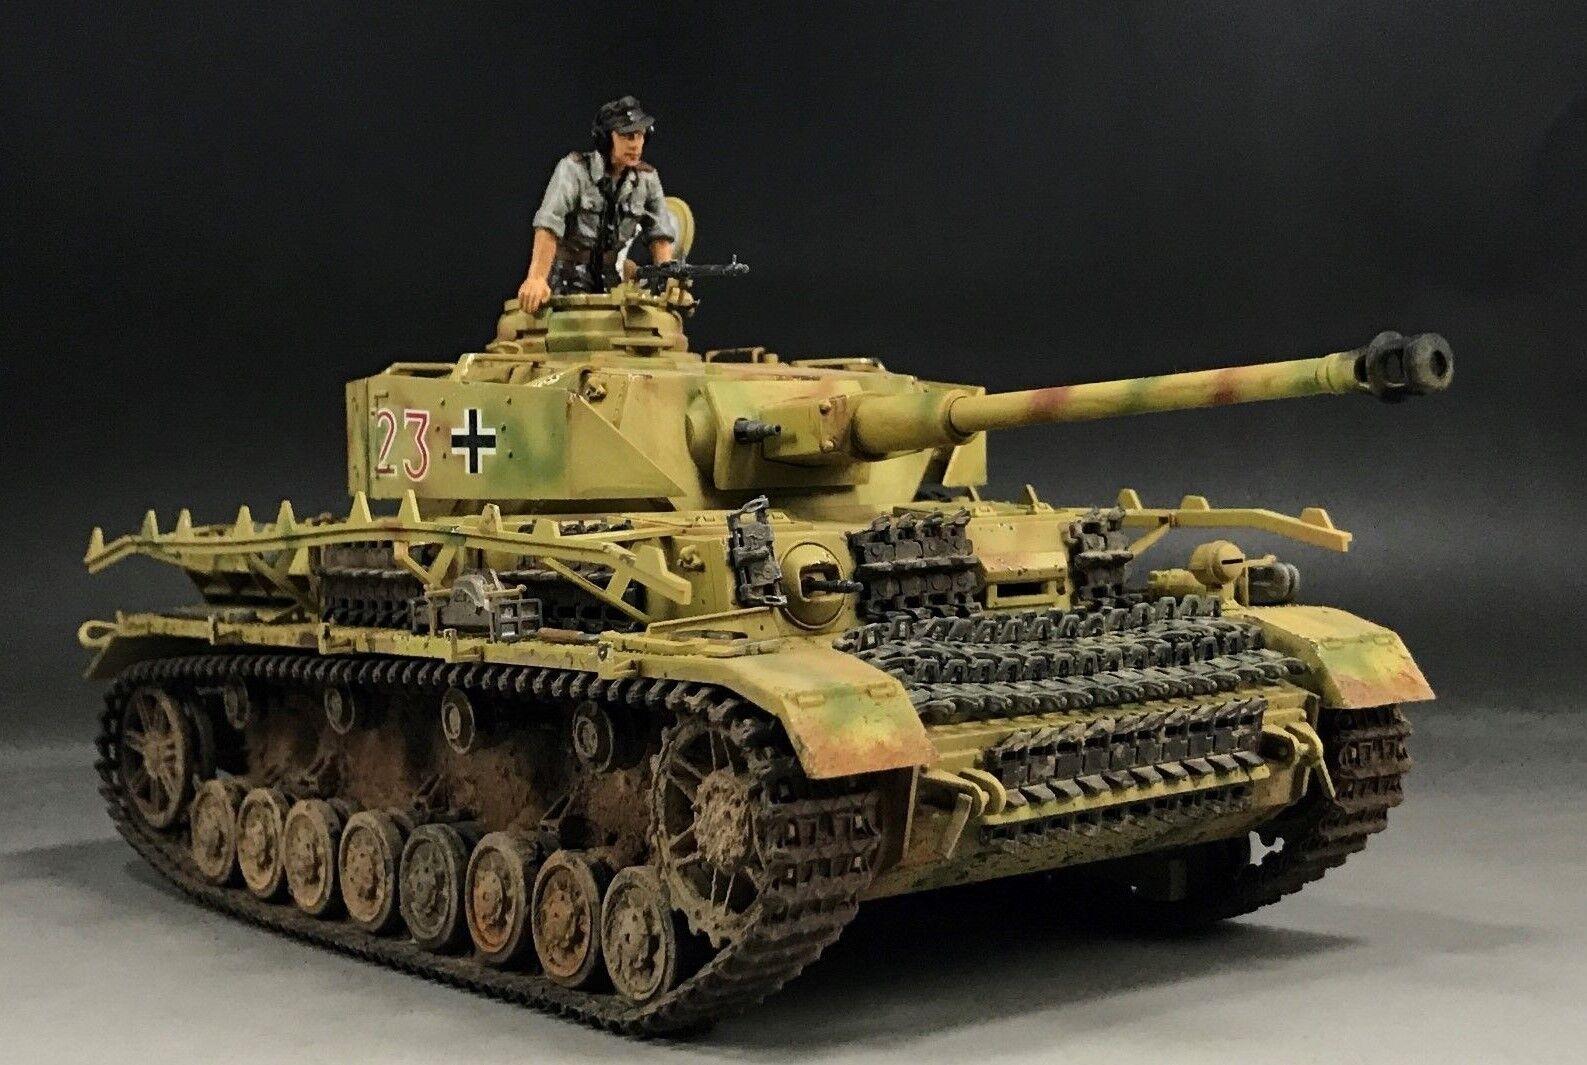 Tamiya 35181 1//35 German Panzer IV Ausf.J Tank Model Kit No.723 Normandy 1944